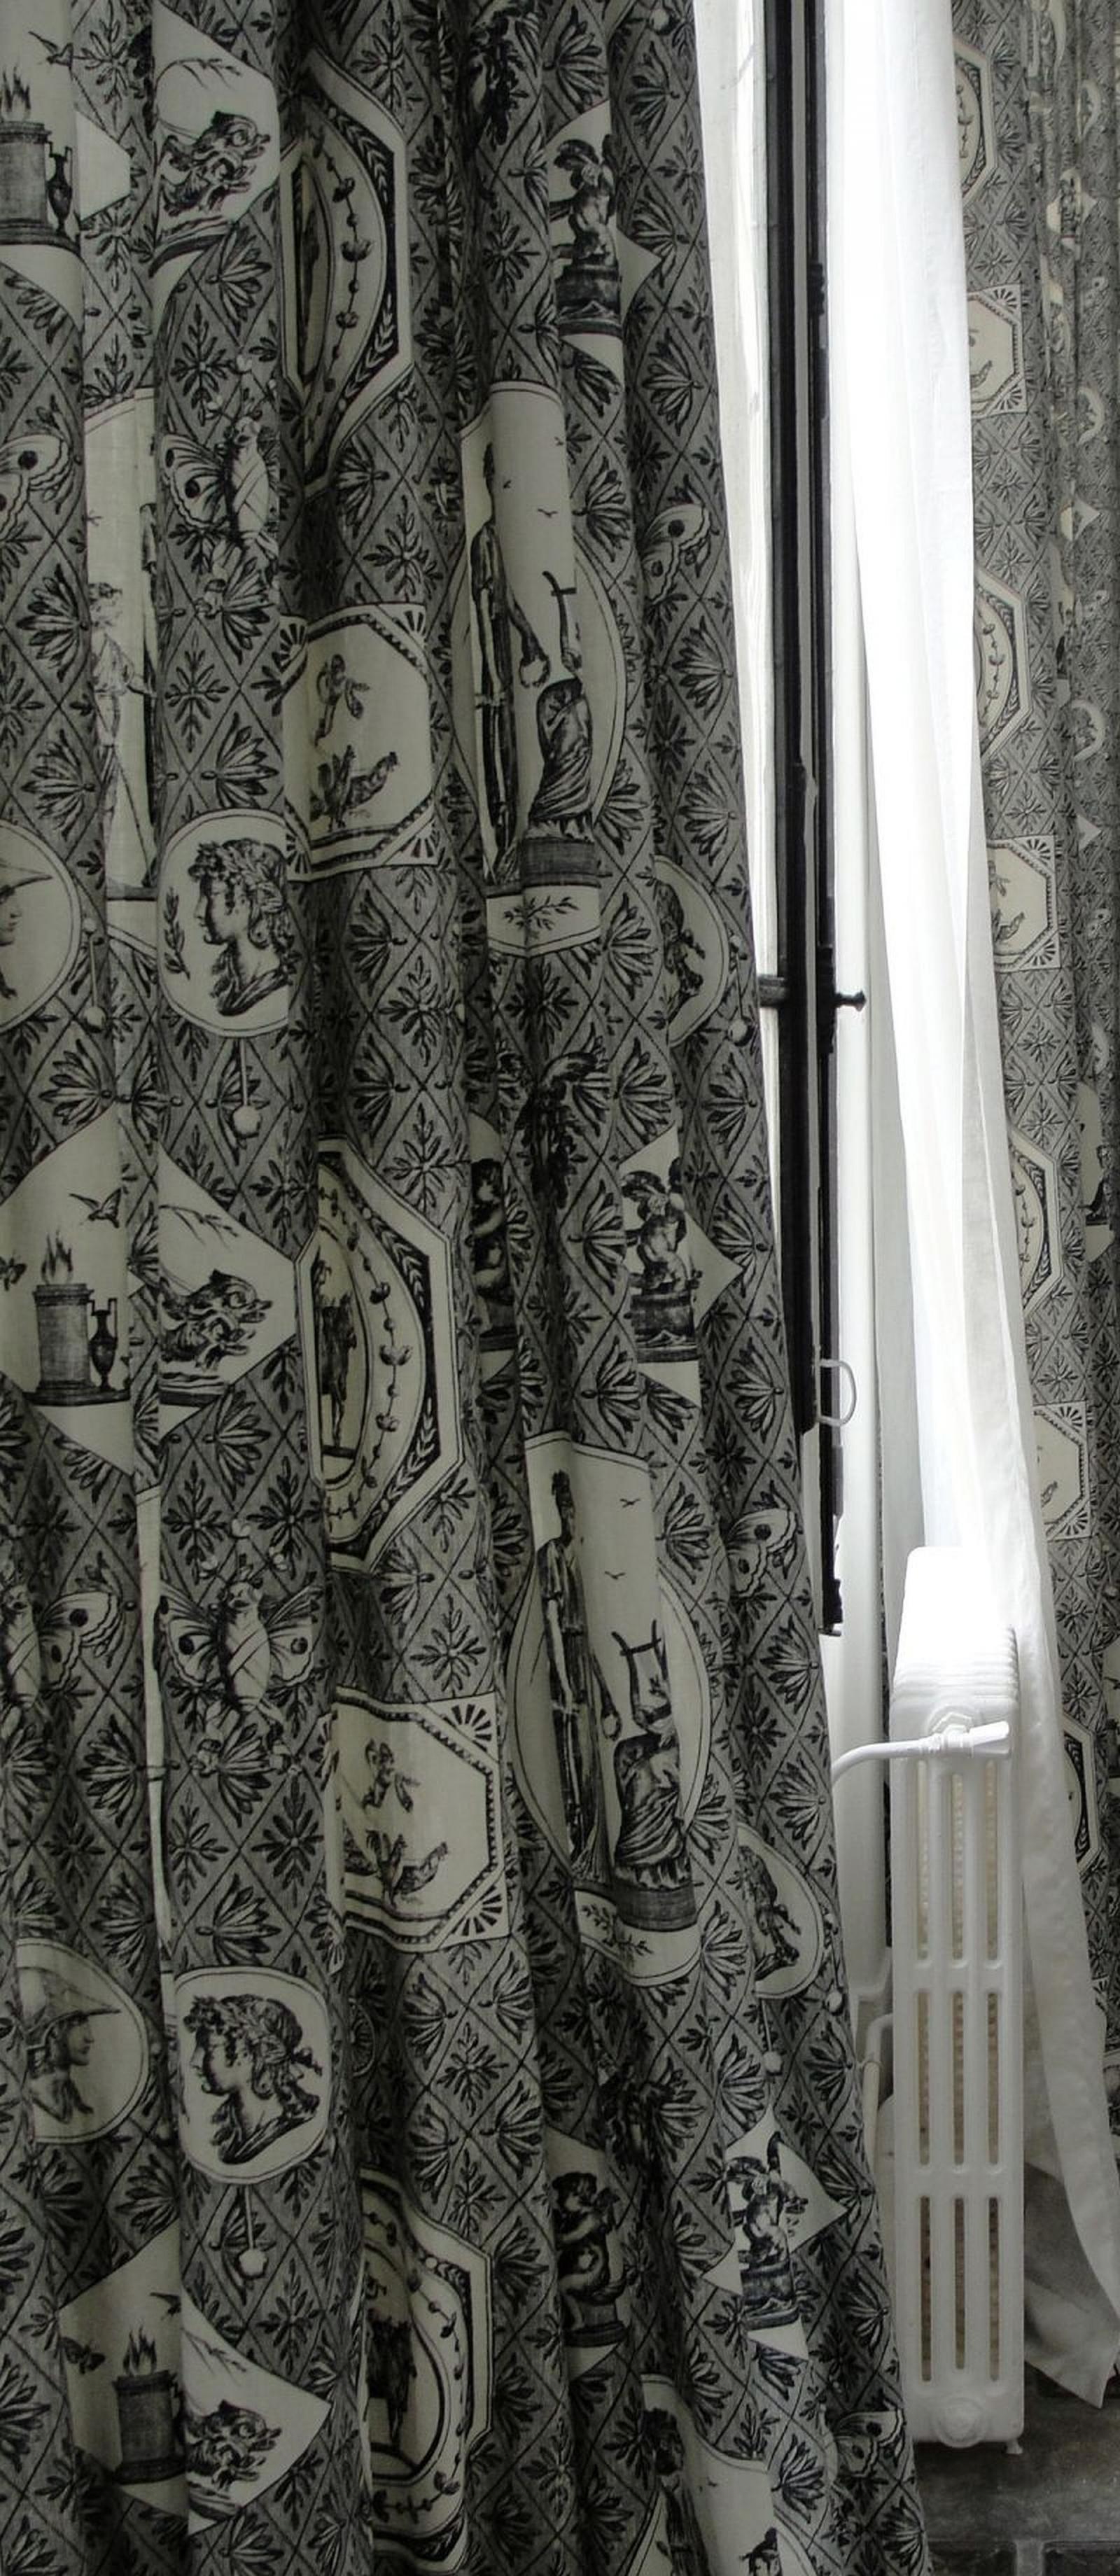 #raamdecoratie #gordijnen #garnissage #stoffering #confectie #nieuwpoort #interieurinrichting #interieuradvies #interieurstyling